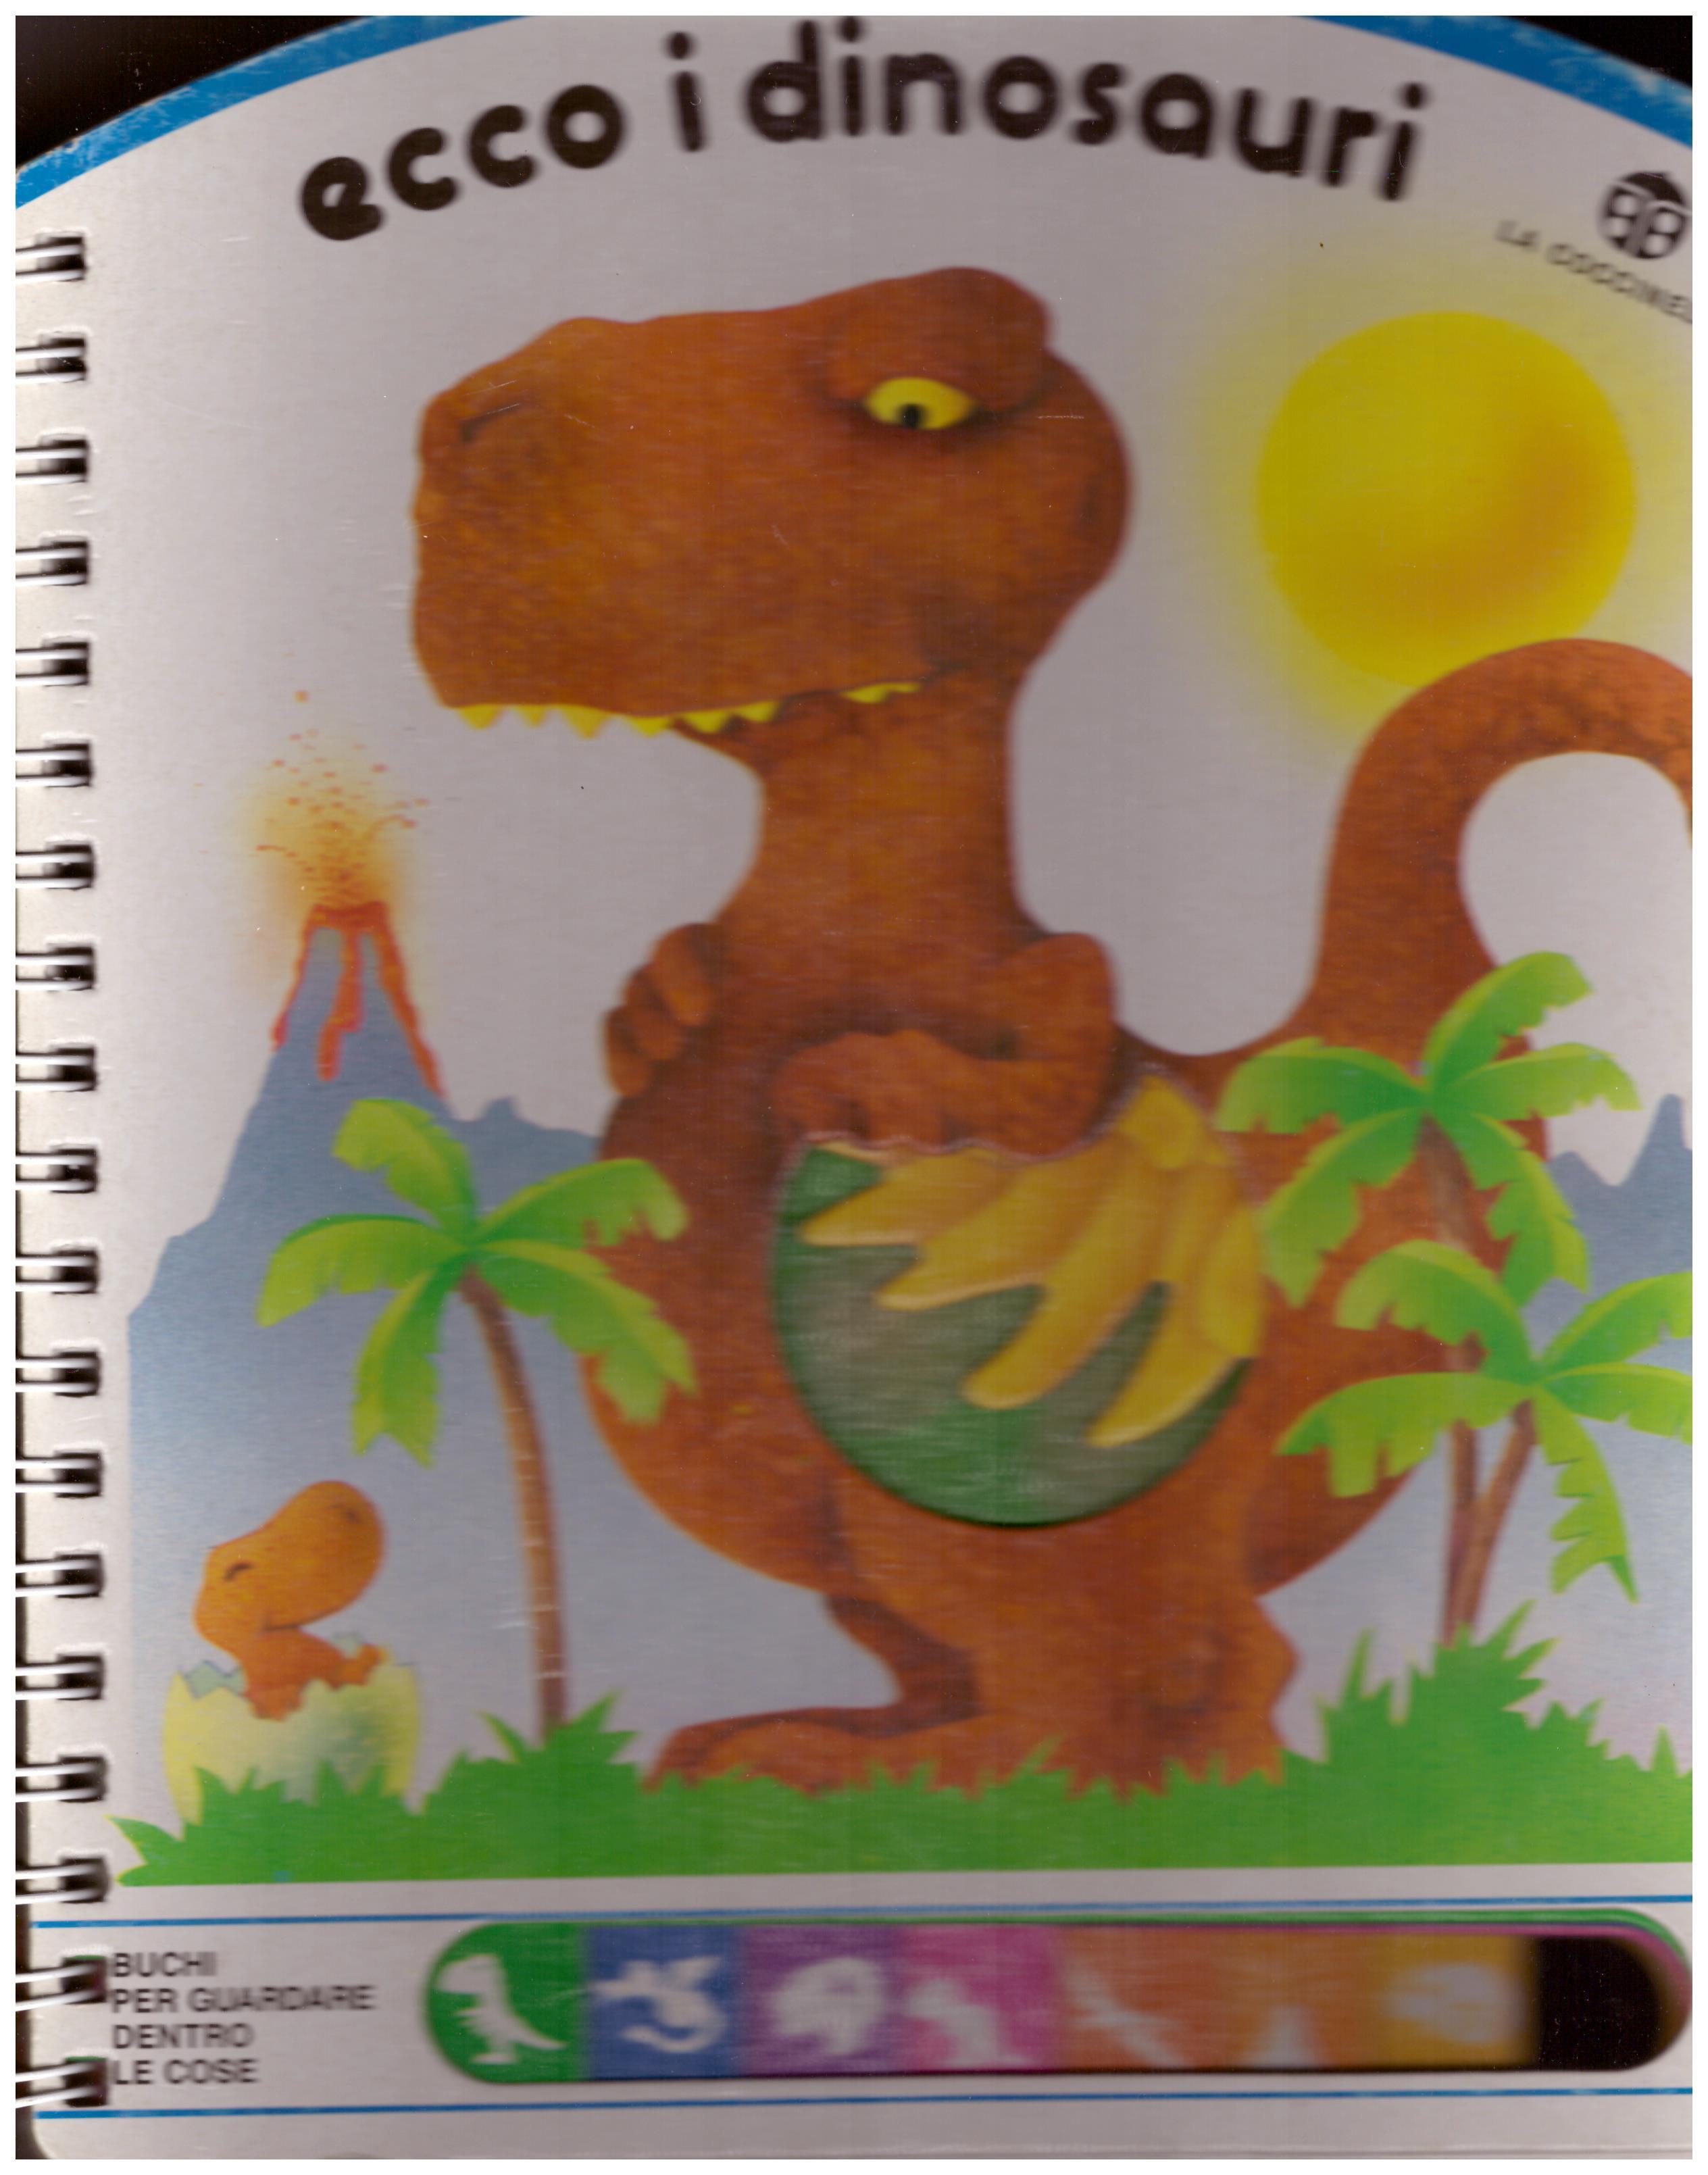 Titolo: Ecco i dinosauri  Autore: AA.VV.  Editore: la coccinella, 1989